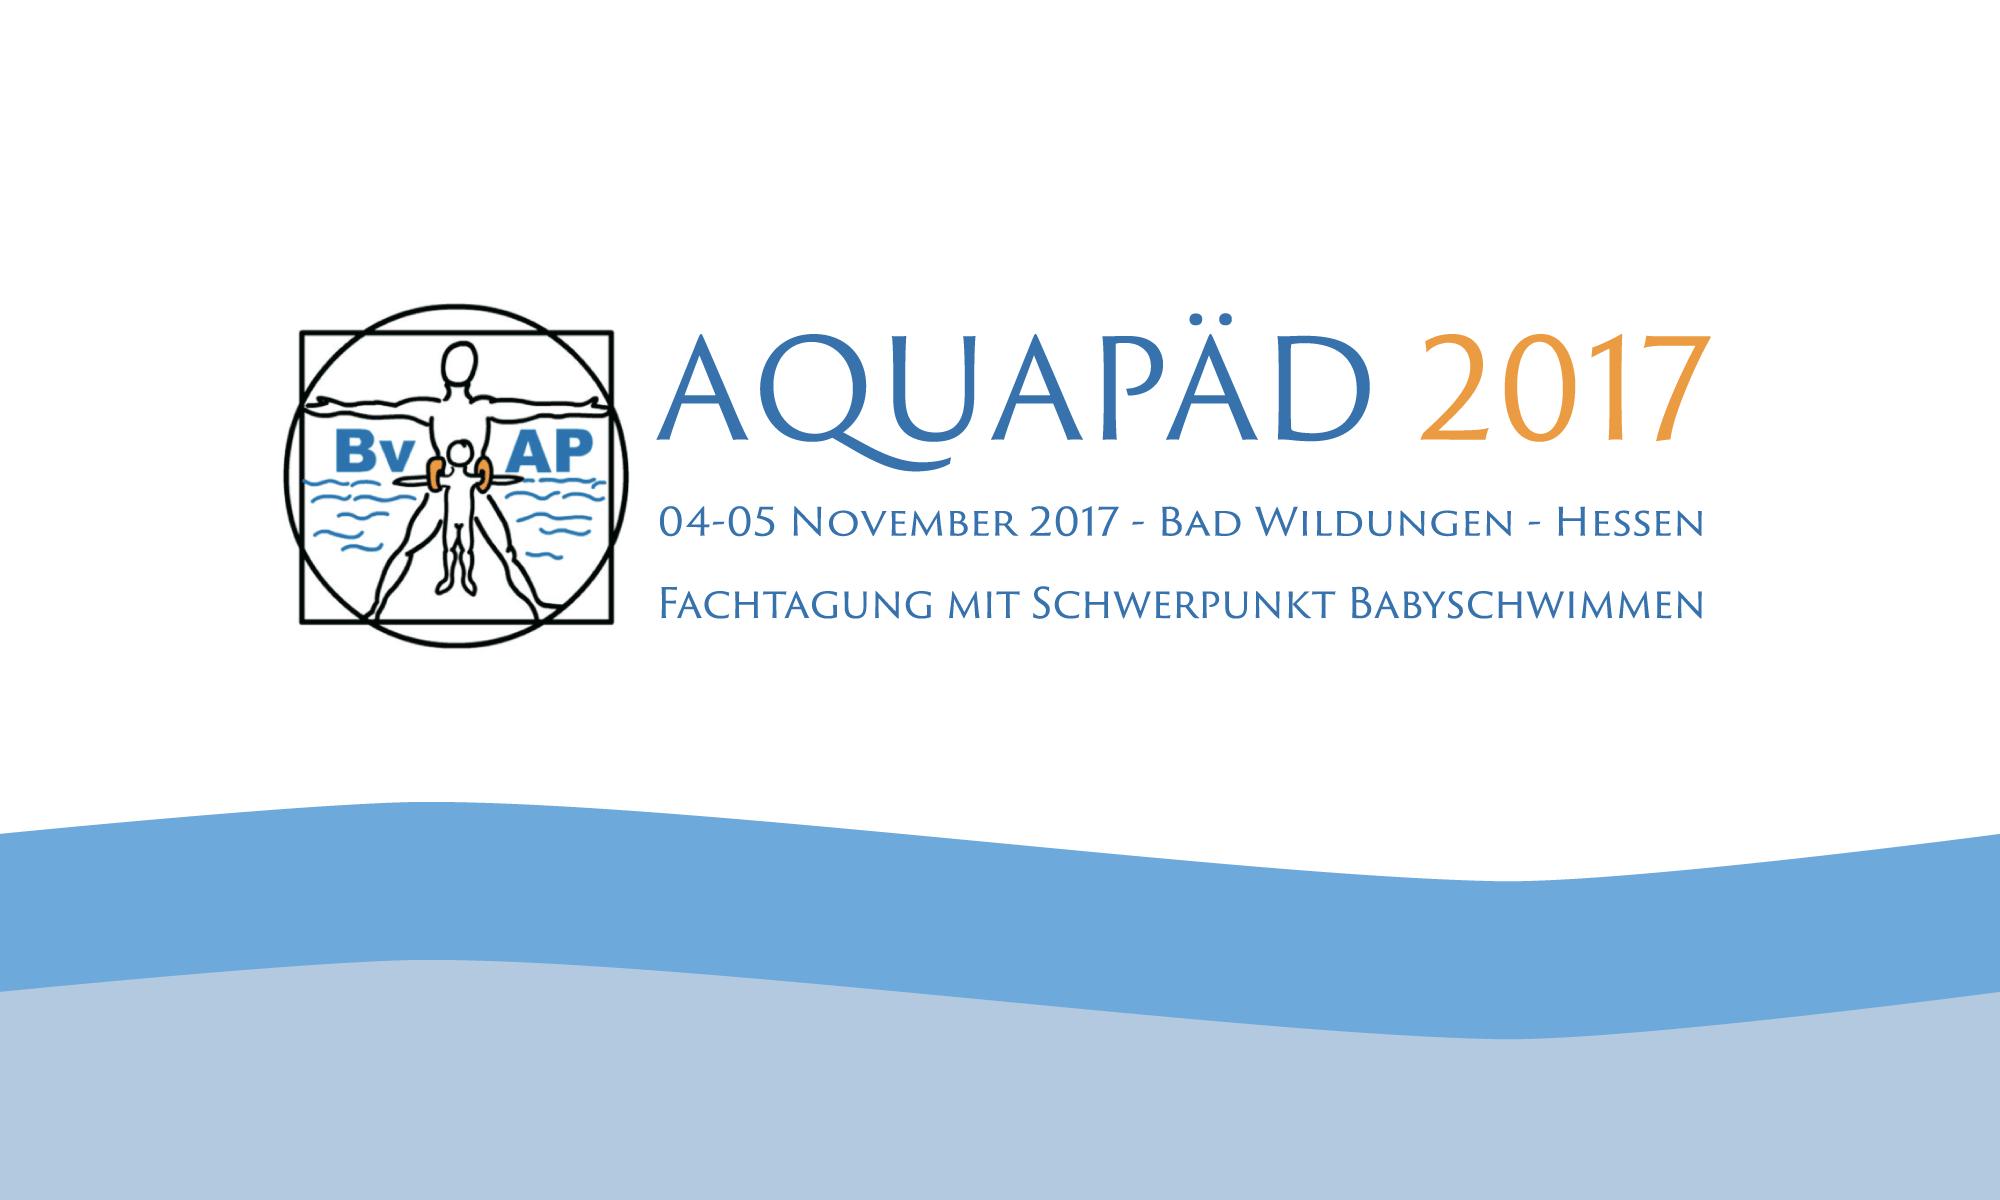 Aquapäd 2017